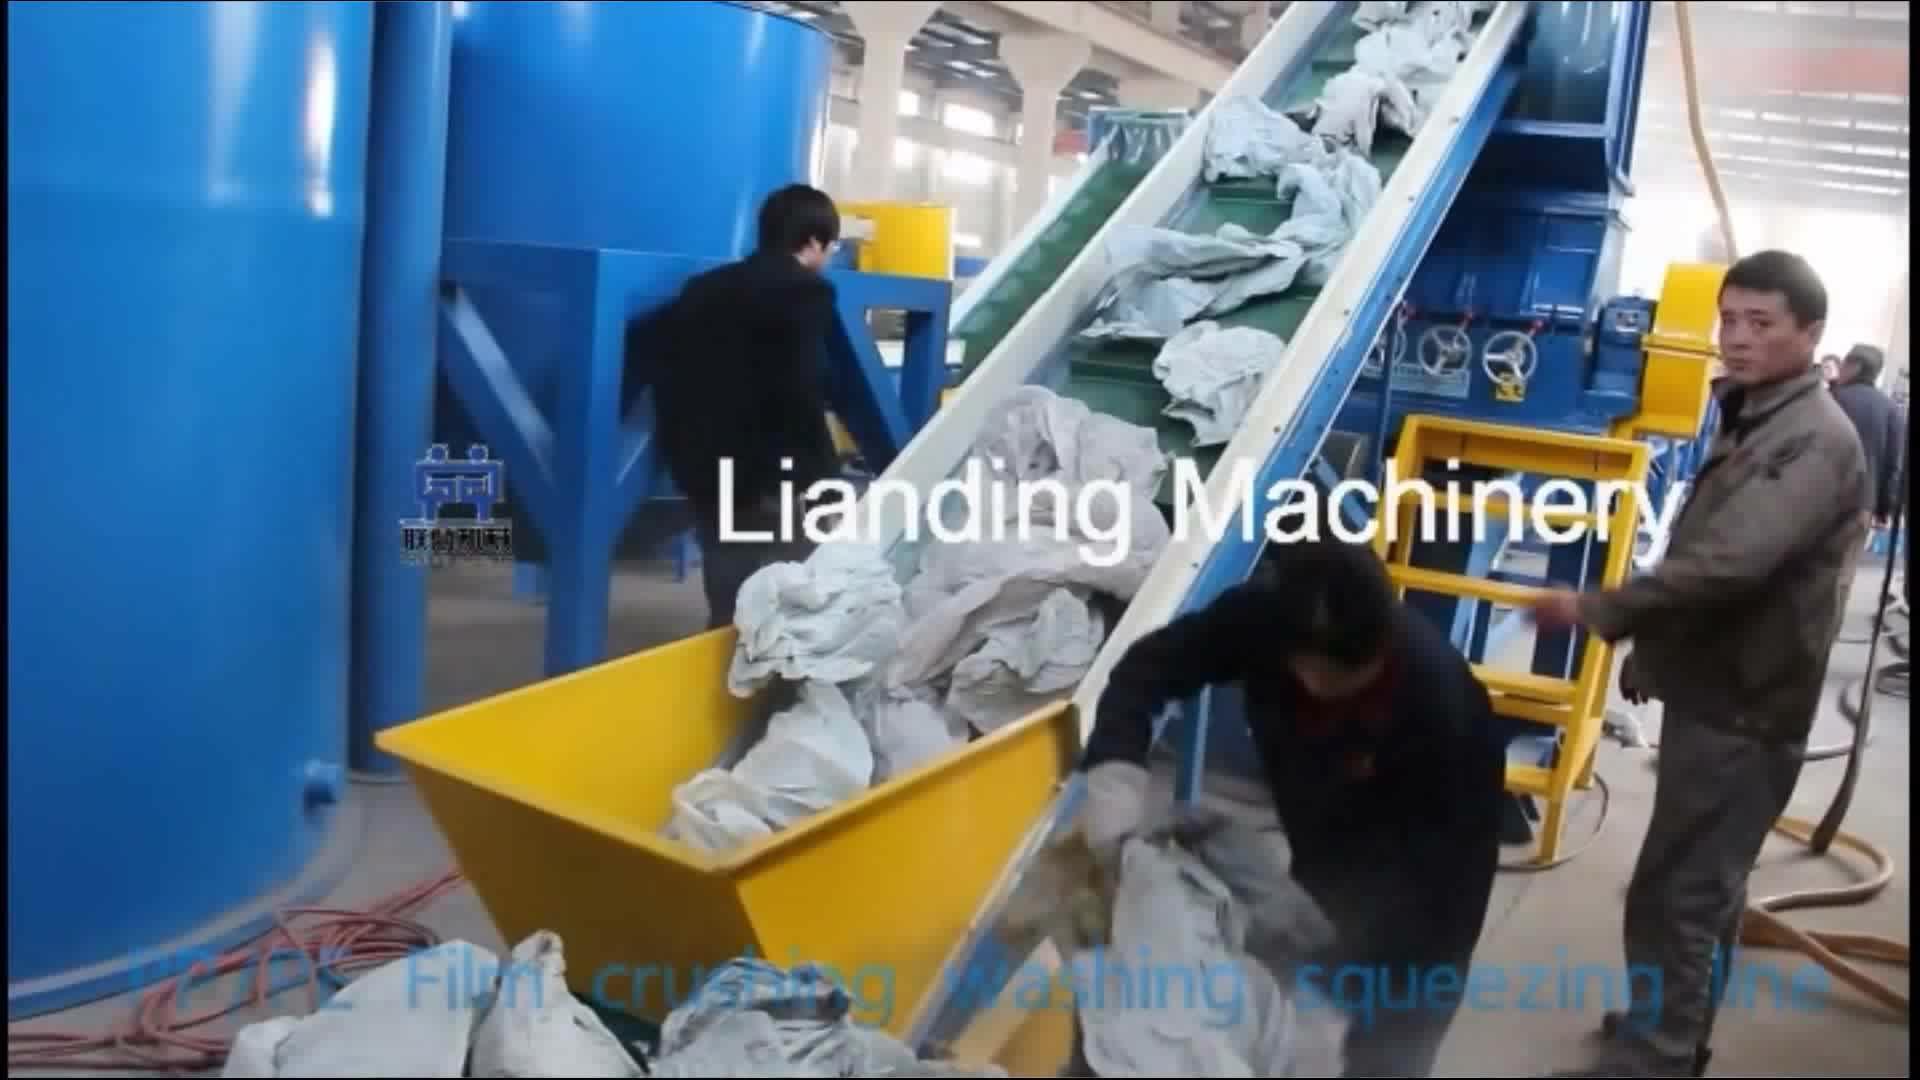 पीई फिल्म वाशिंग मशीन/एचडीपीई पीपी पीई वाशिंग लाइन/पीई फिल्म रीसाइक्लिंग प्लास्टिक रीसाइक्लिंग लाइन